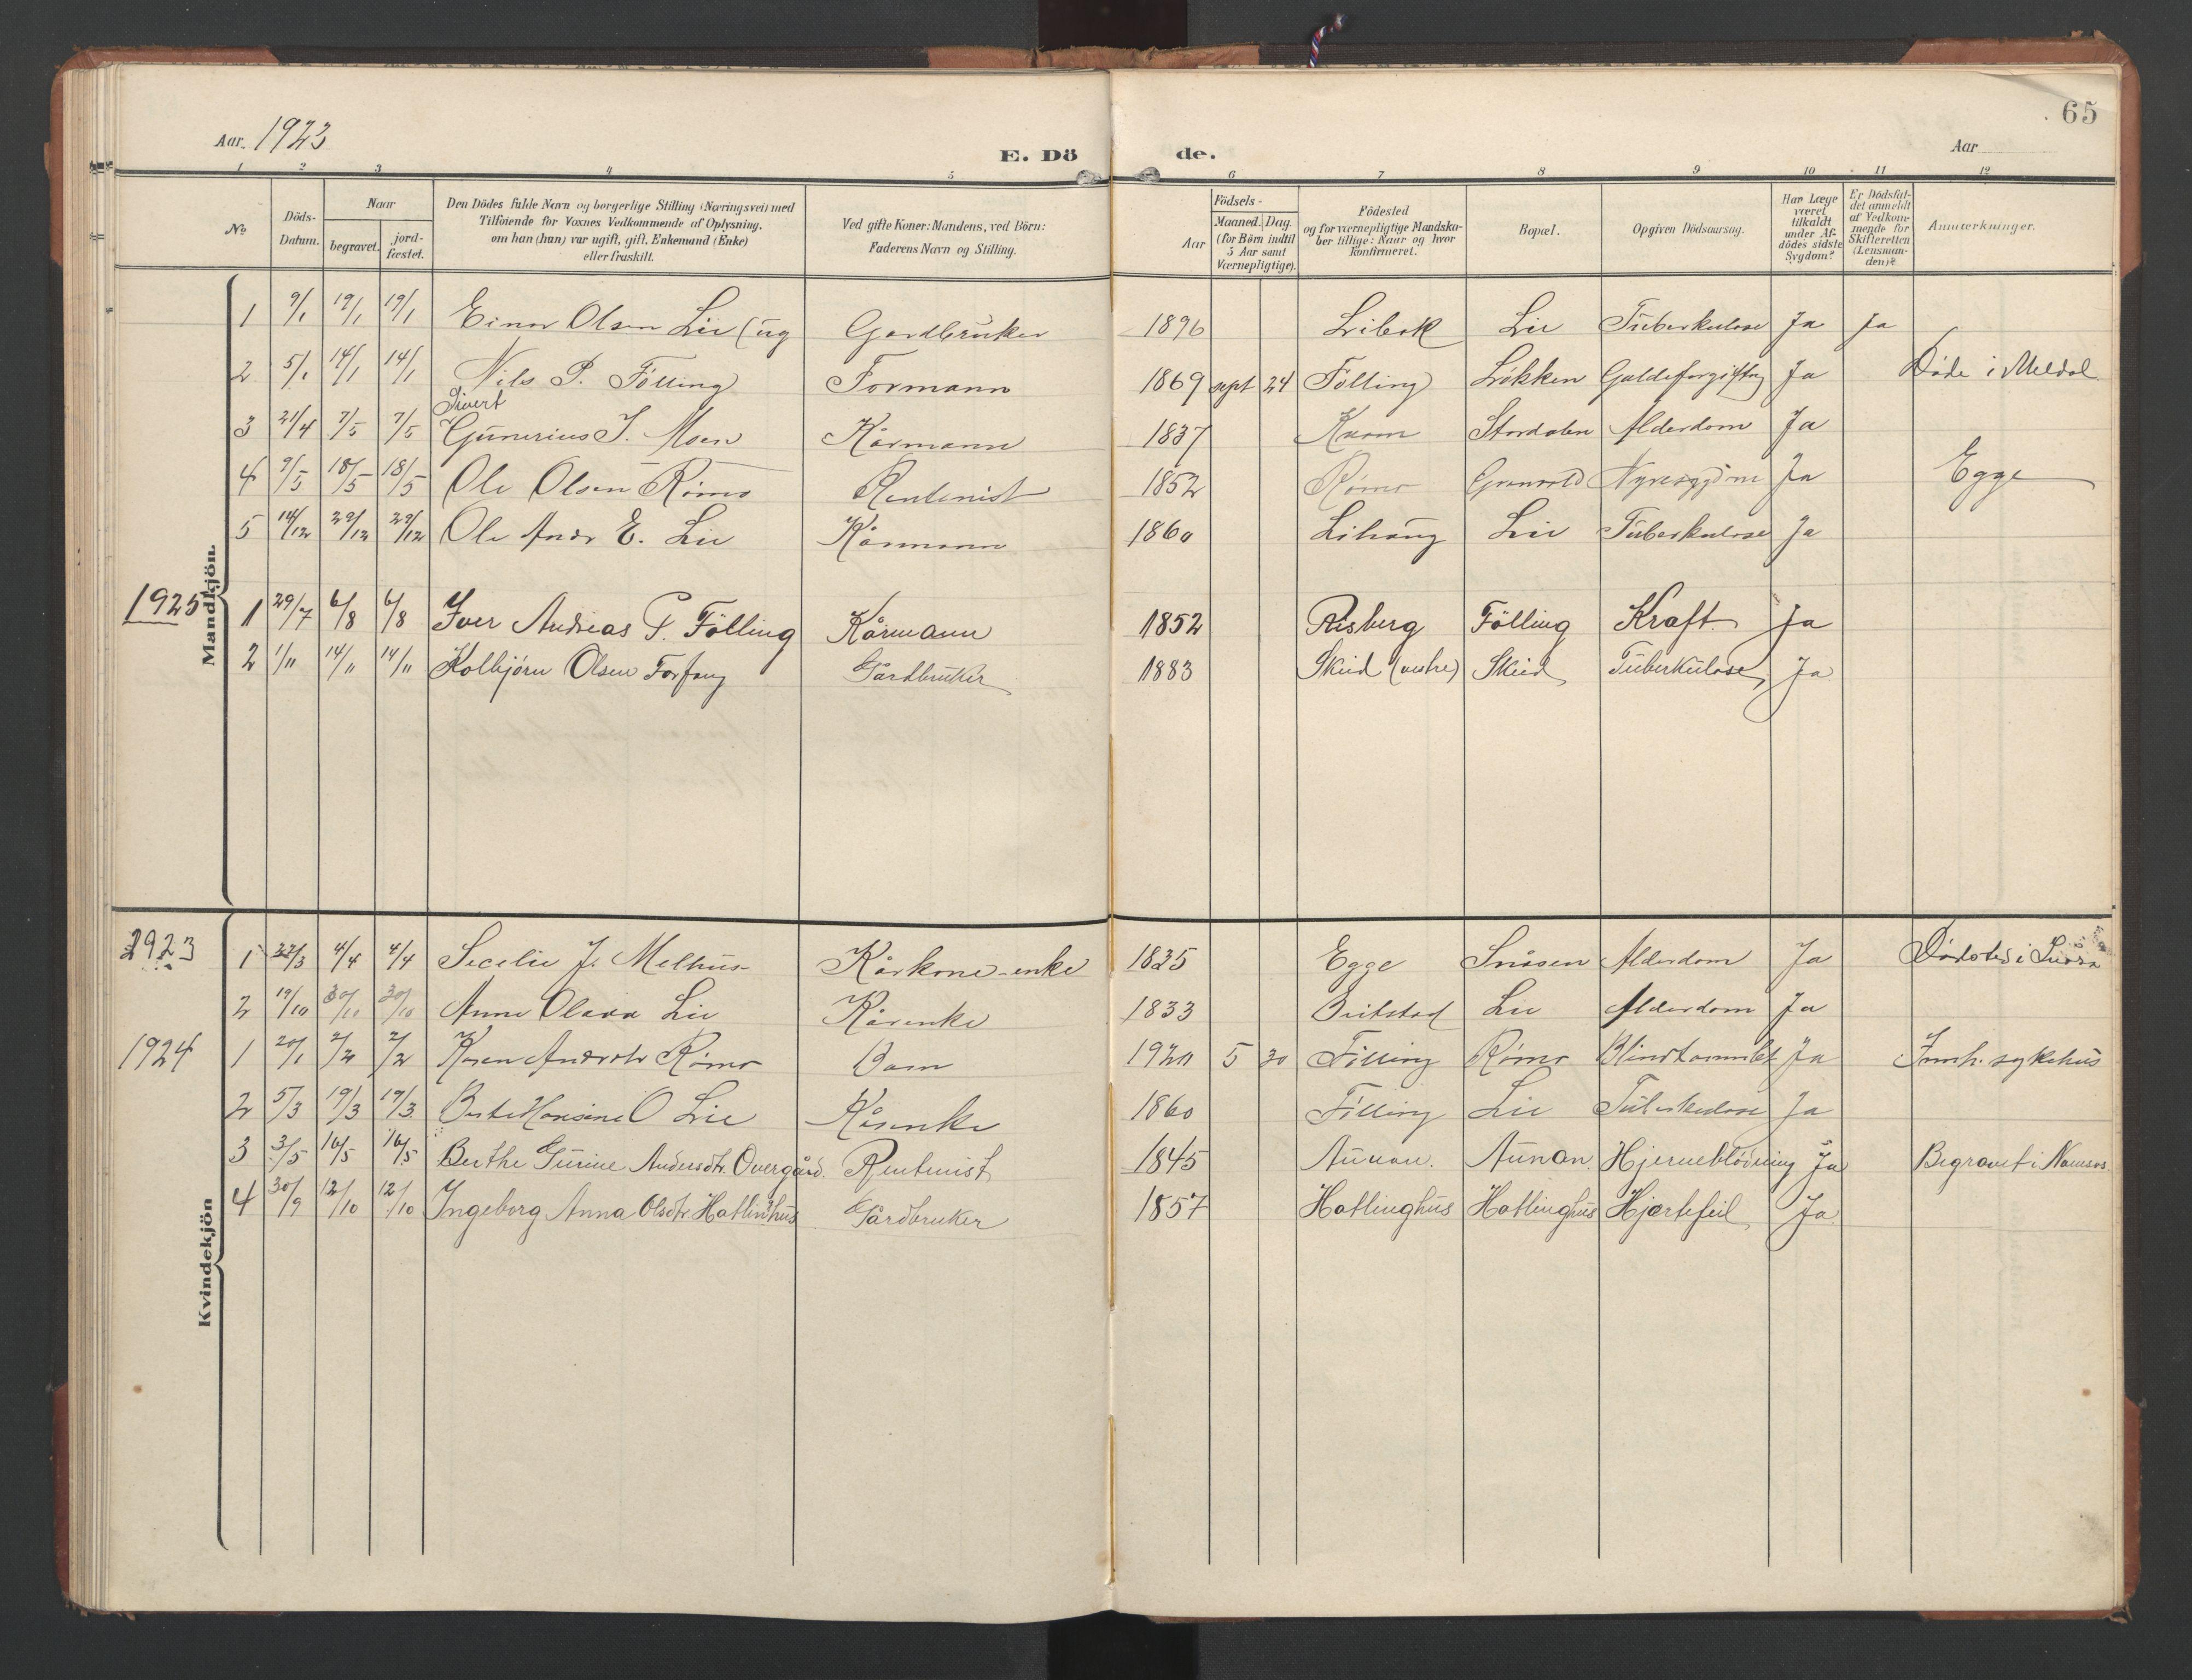 SAT, Ministerialprotokoller, klokkerbøker og fødselsregistre - Nord-Trøndelag, 748/L0465: Klokkerbok nr. 748C01, 1908-1960, s. 65